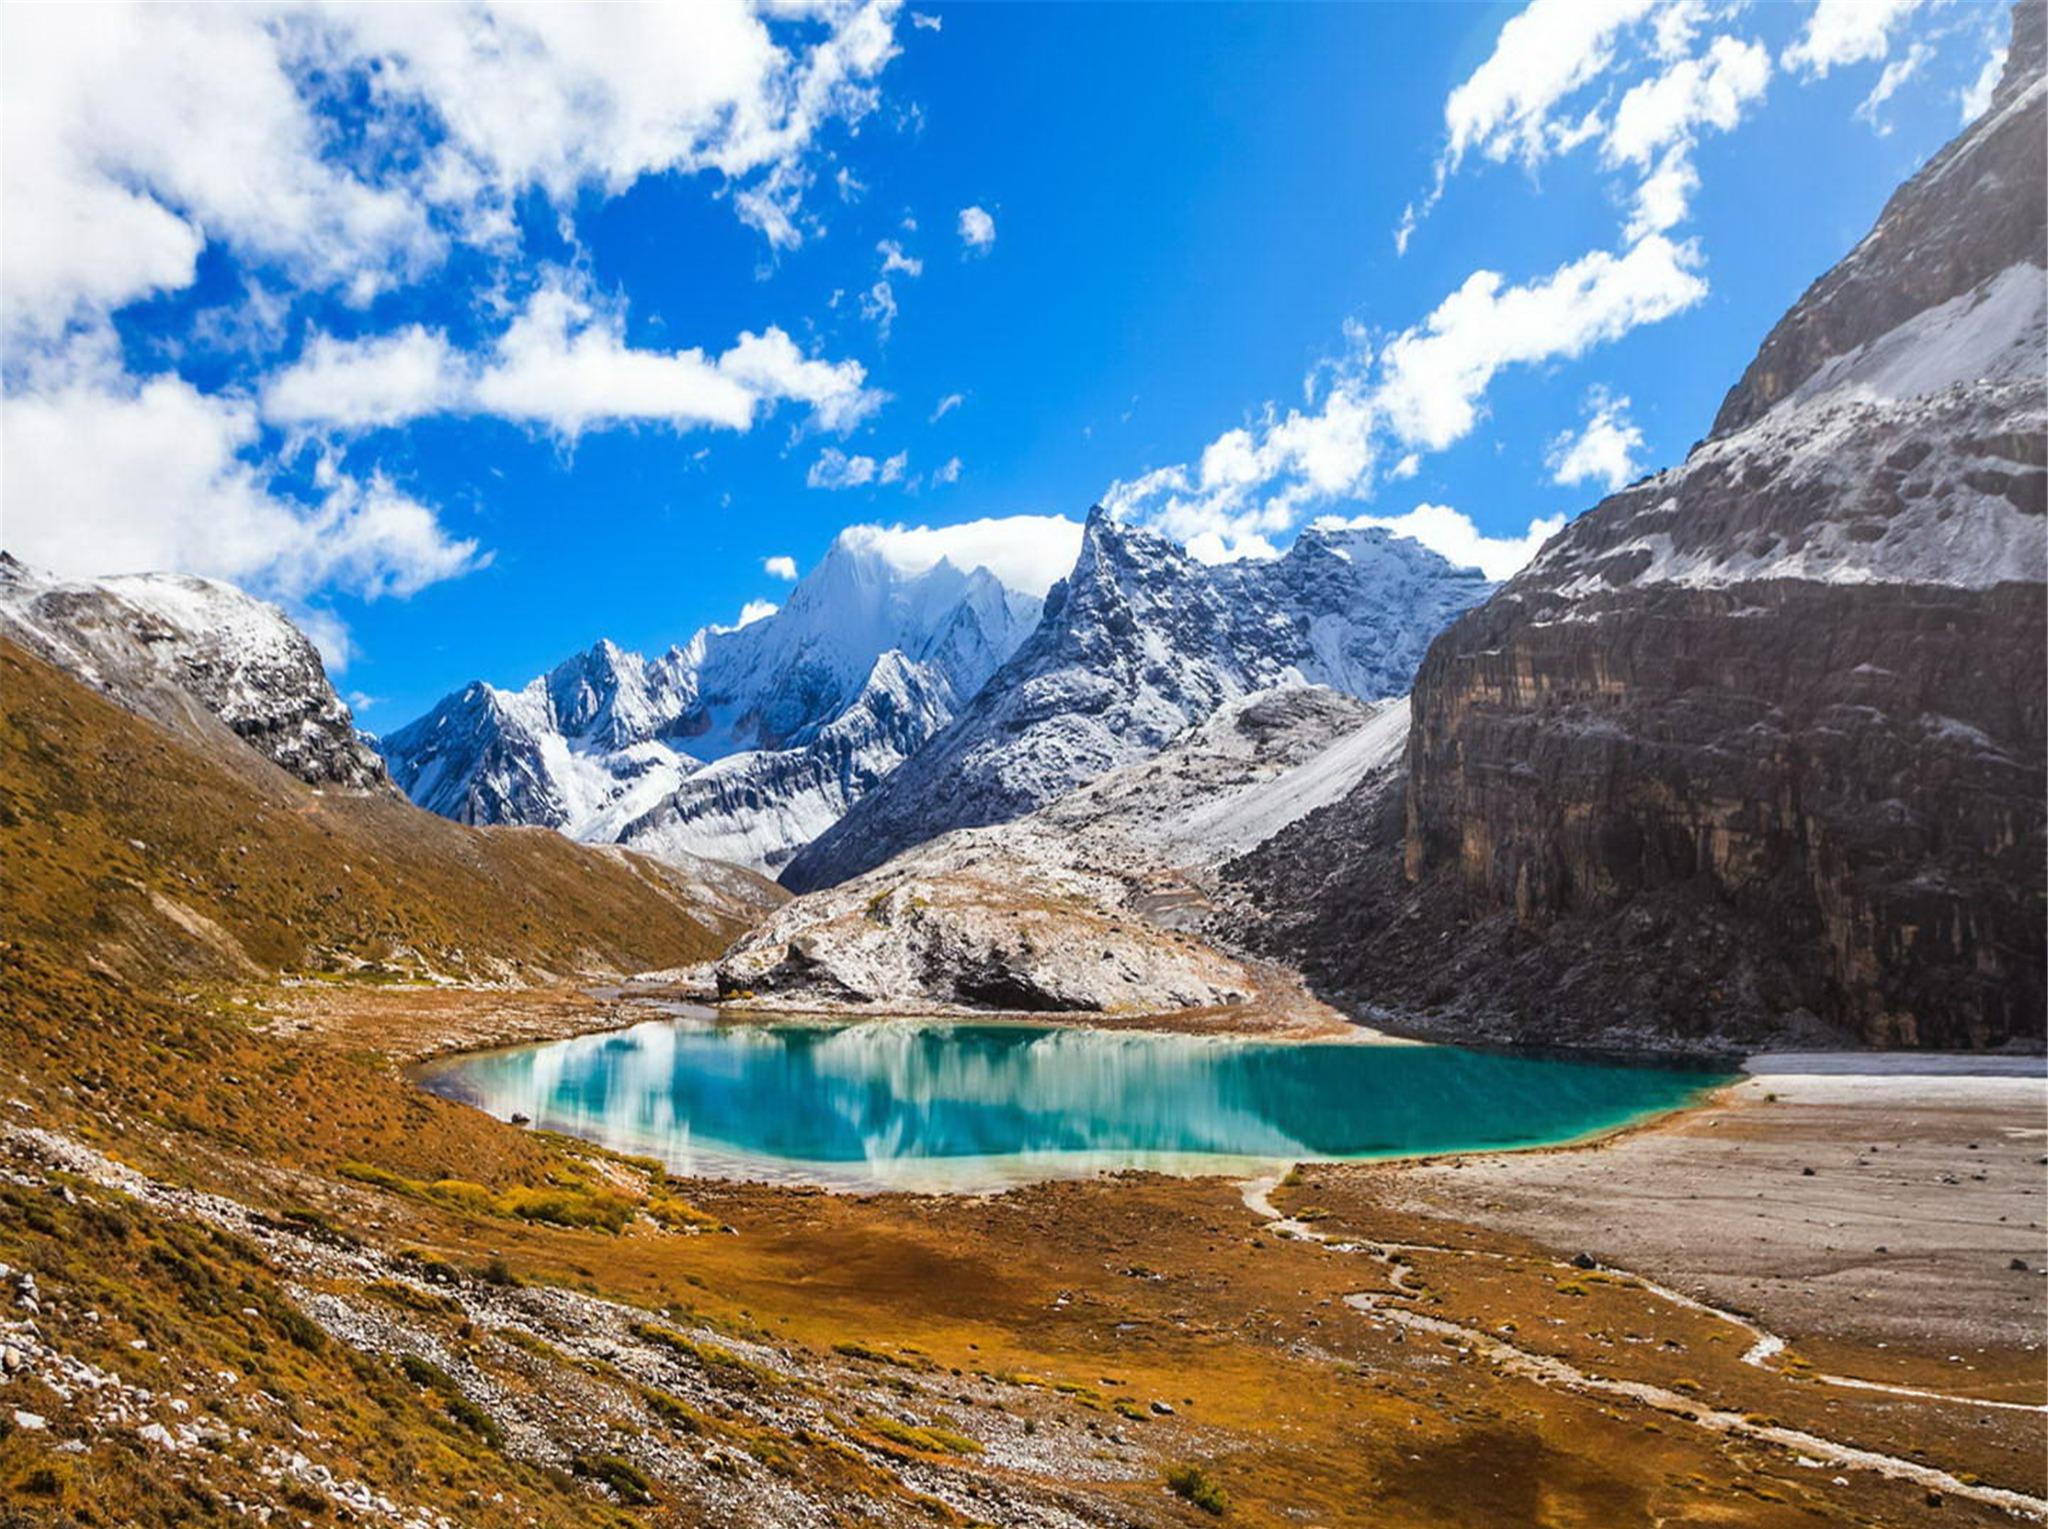 稻城亚丁,蓝色星球的净土最美的香格里拉。